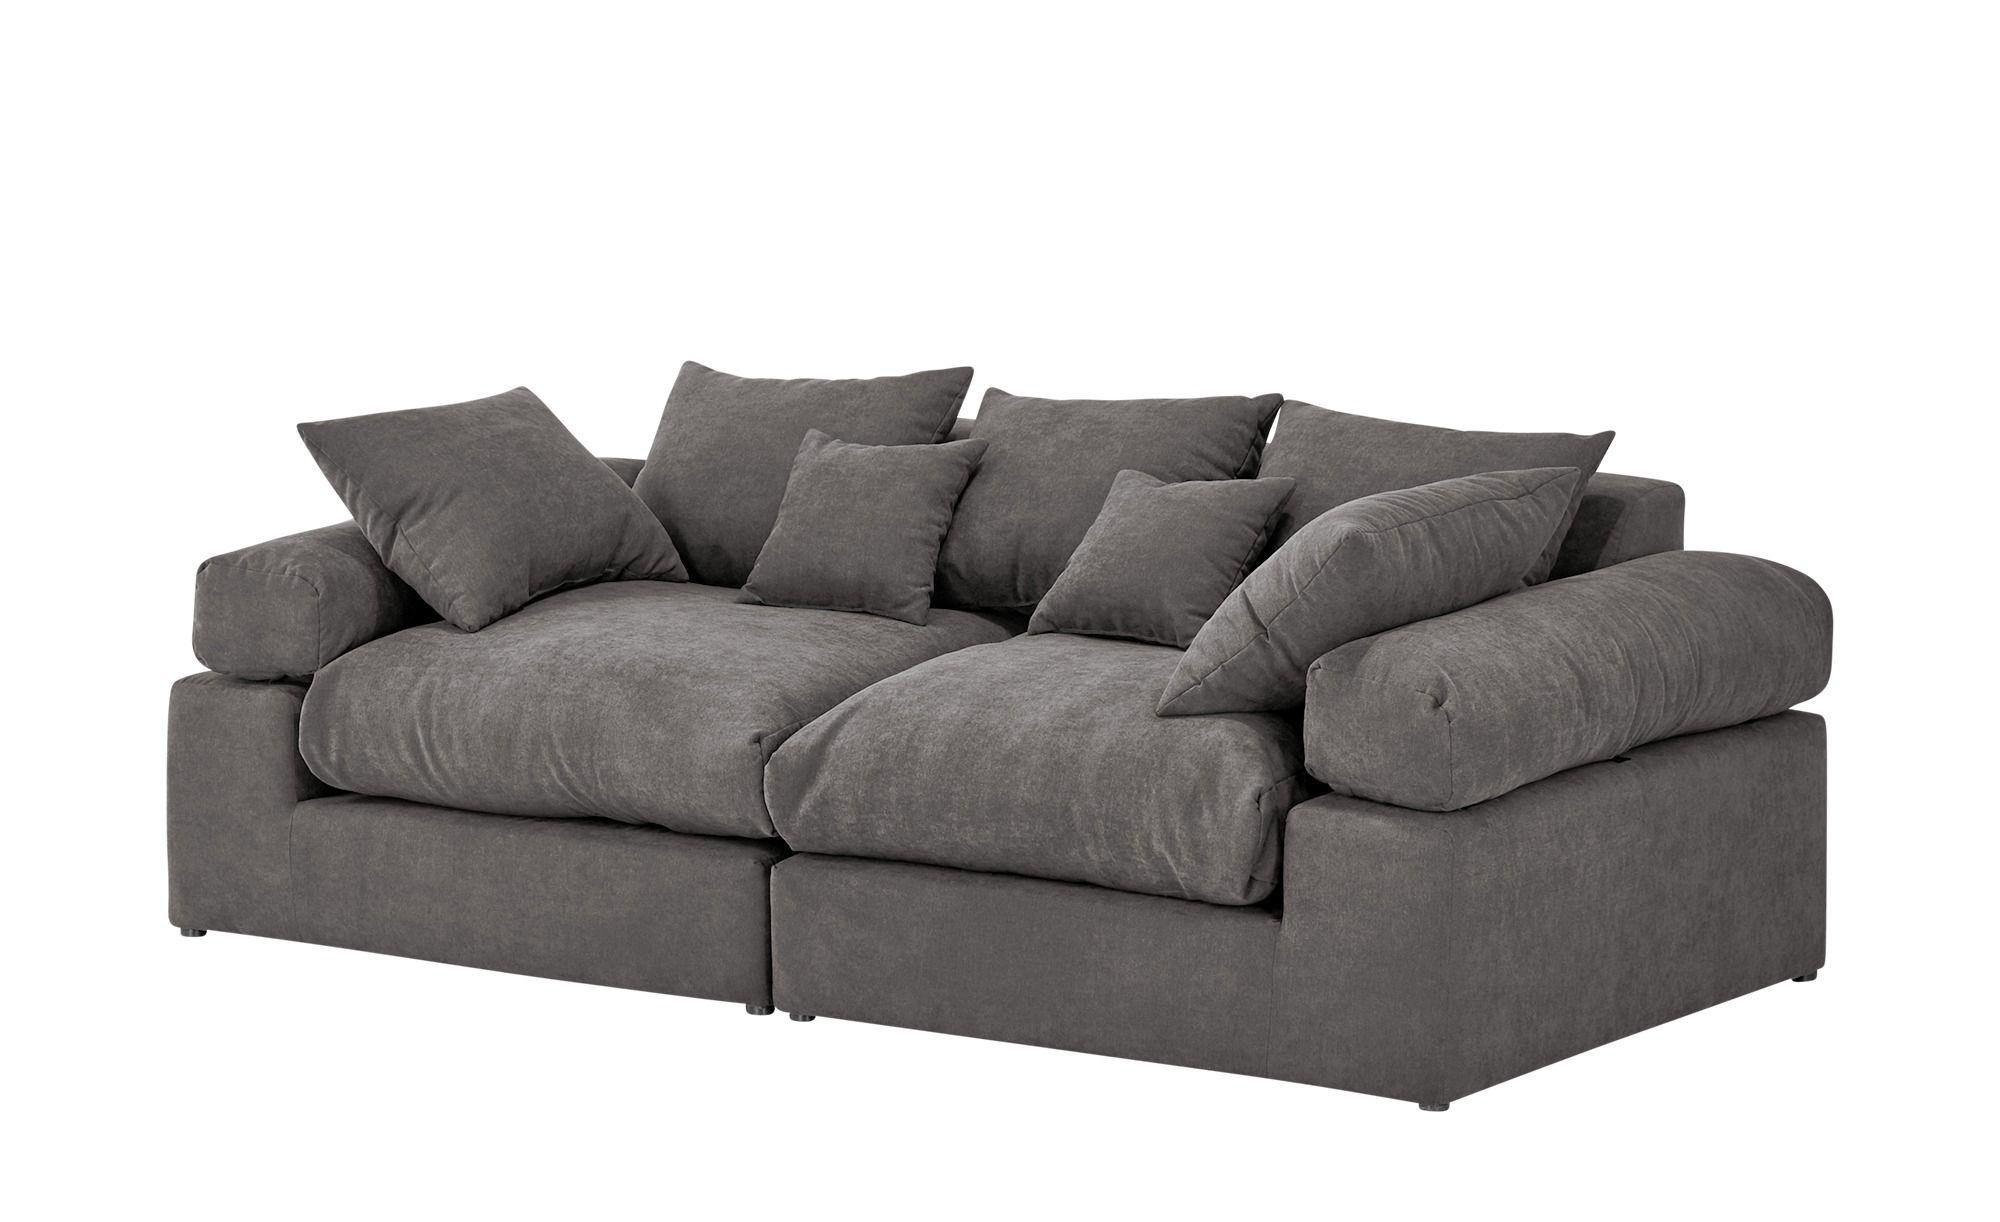 Smart Big Sofa Lionore Gefunden Bei Mobel Hoffner Grosse Sofas Sofa Und Gemutliches Sofa